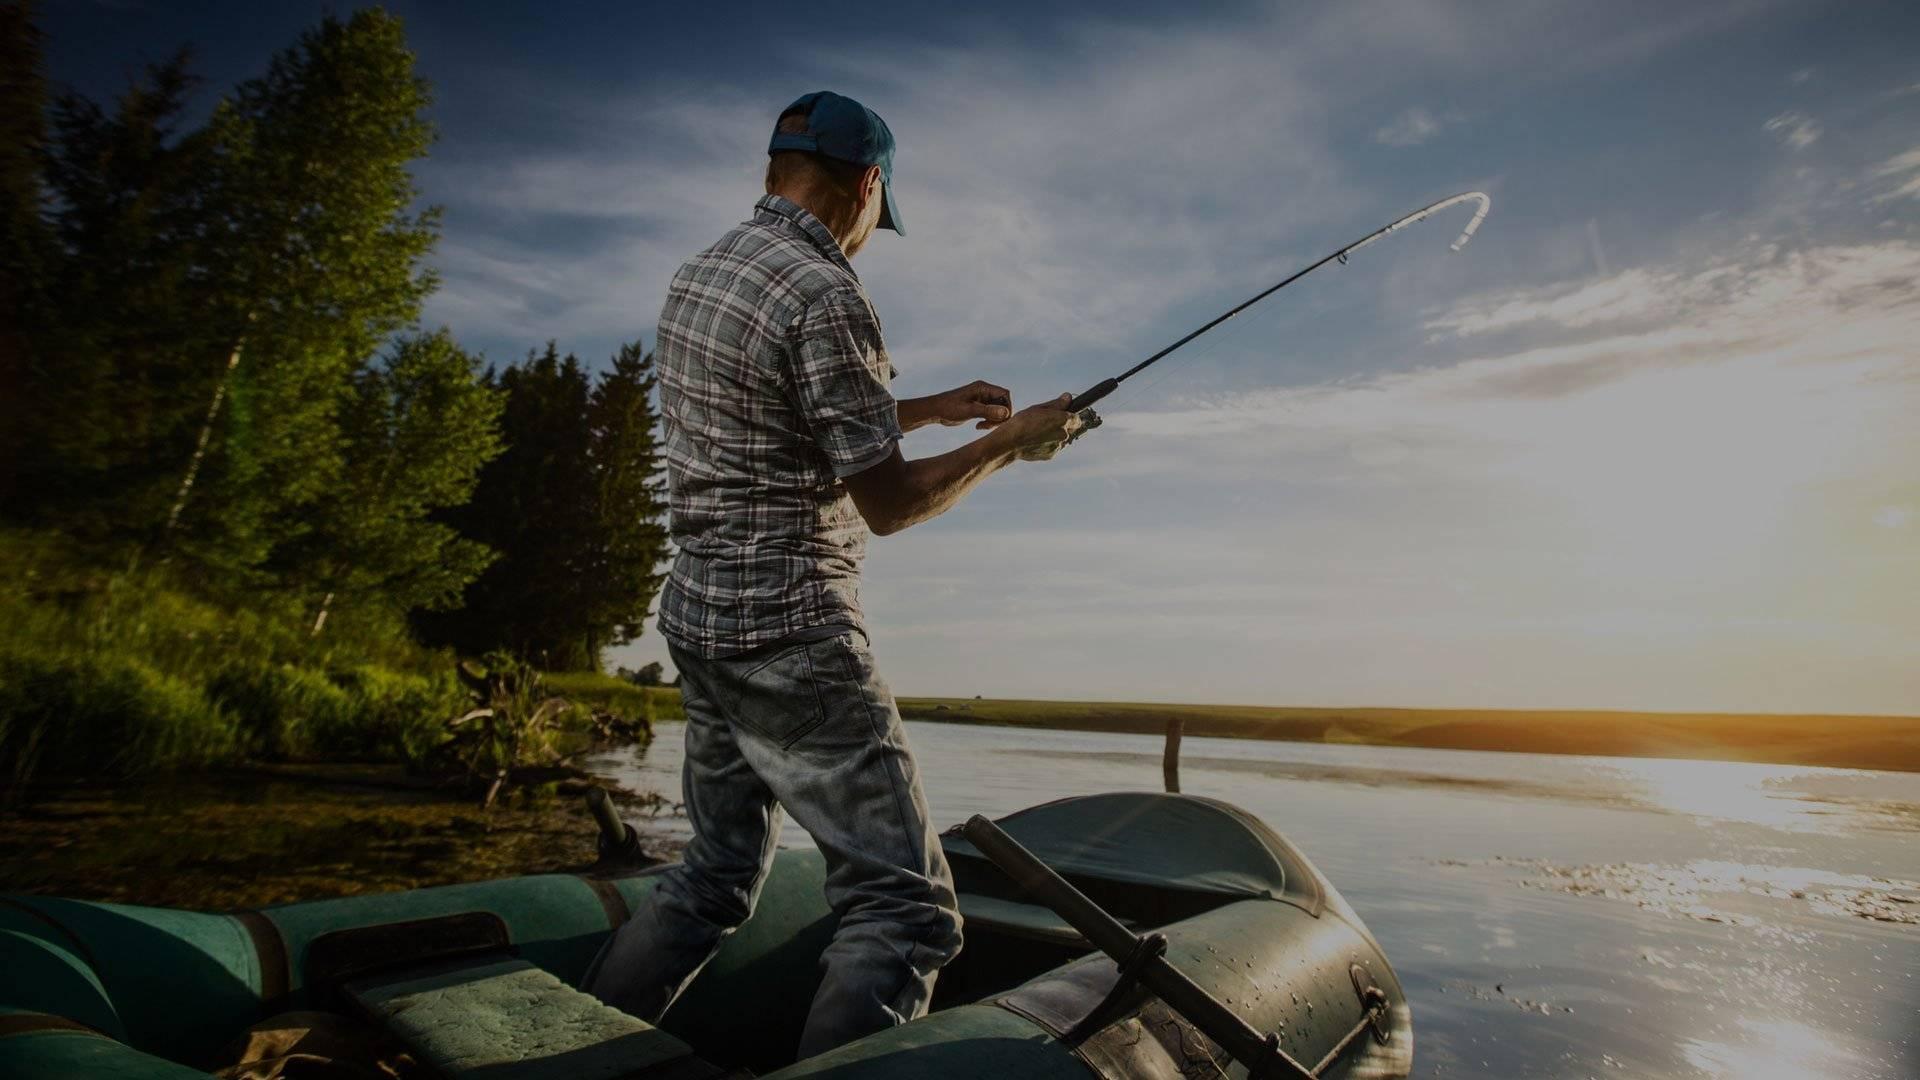 Памятка населению по соблюдению правил катания на лодке важным условием безопасности на воде является строгое соблюдение правил катания на лодке | контент-платформа pandia.ru